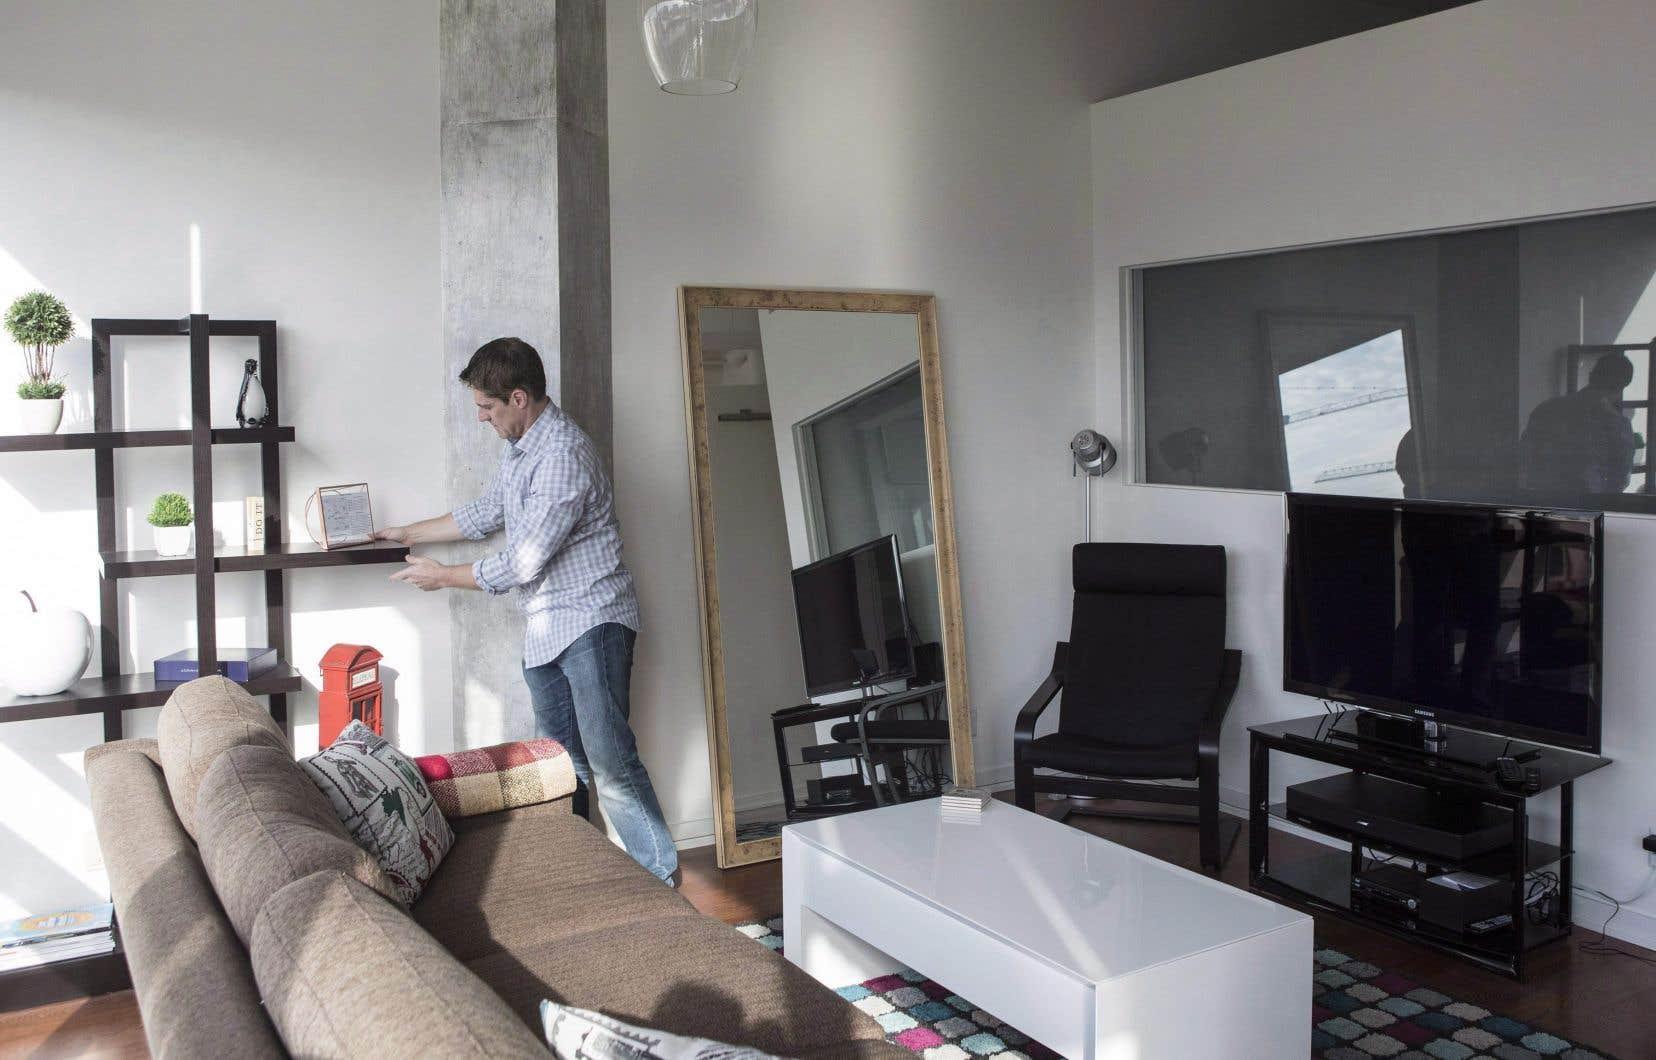 À l'heure actuelle, les utilisateurs d'Airbnb n'ont donc aucun moyen de savoir si la taxe sur l'hébergement perçue depuis octobre se retrouve bel et bien dans les coffres du gouvernement.